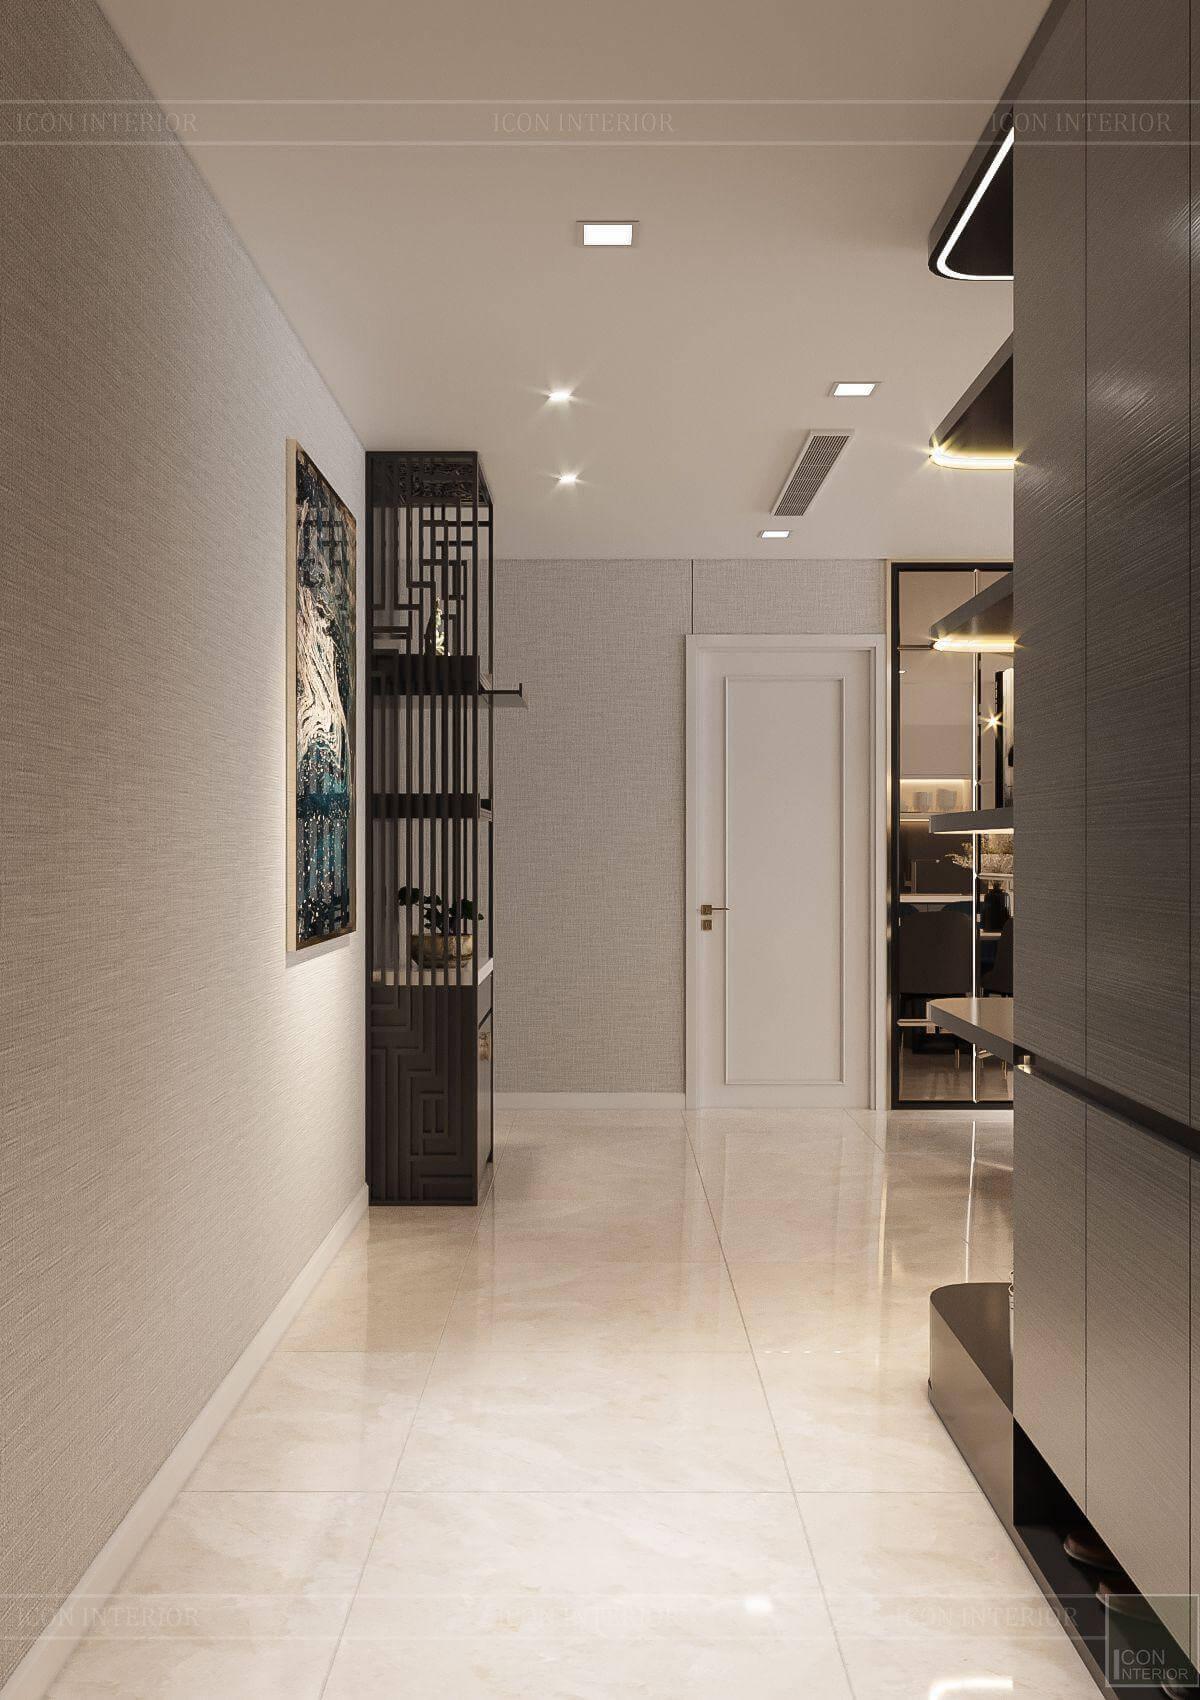 Thiết kế nội thất căn hộ chung cư Vinhomes Ba Son - lối vào